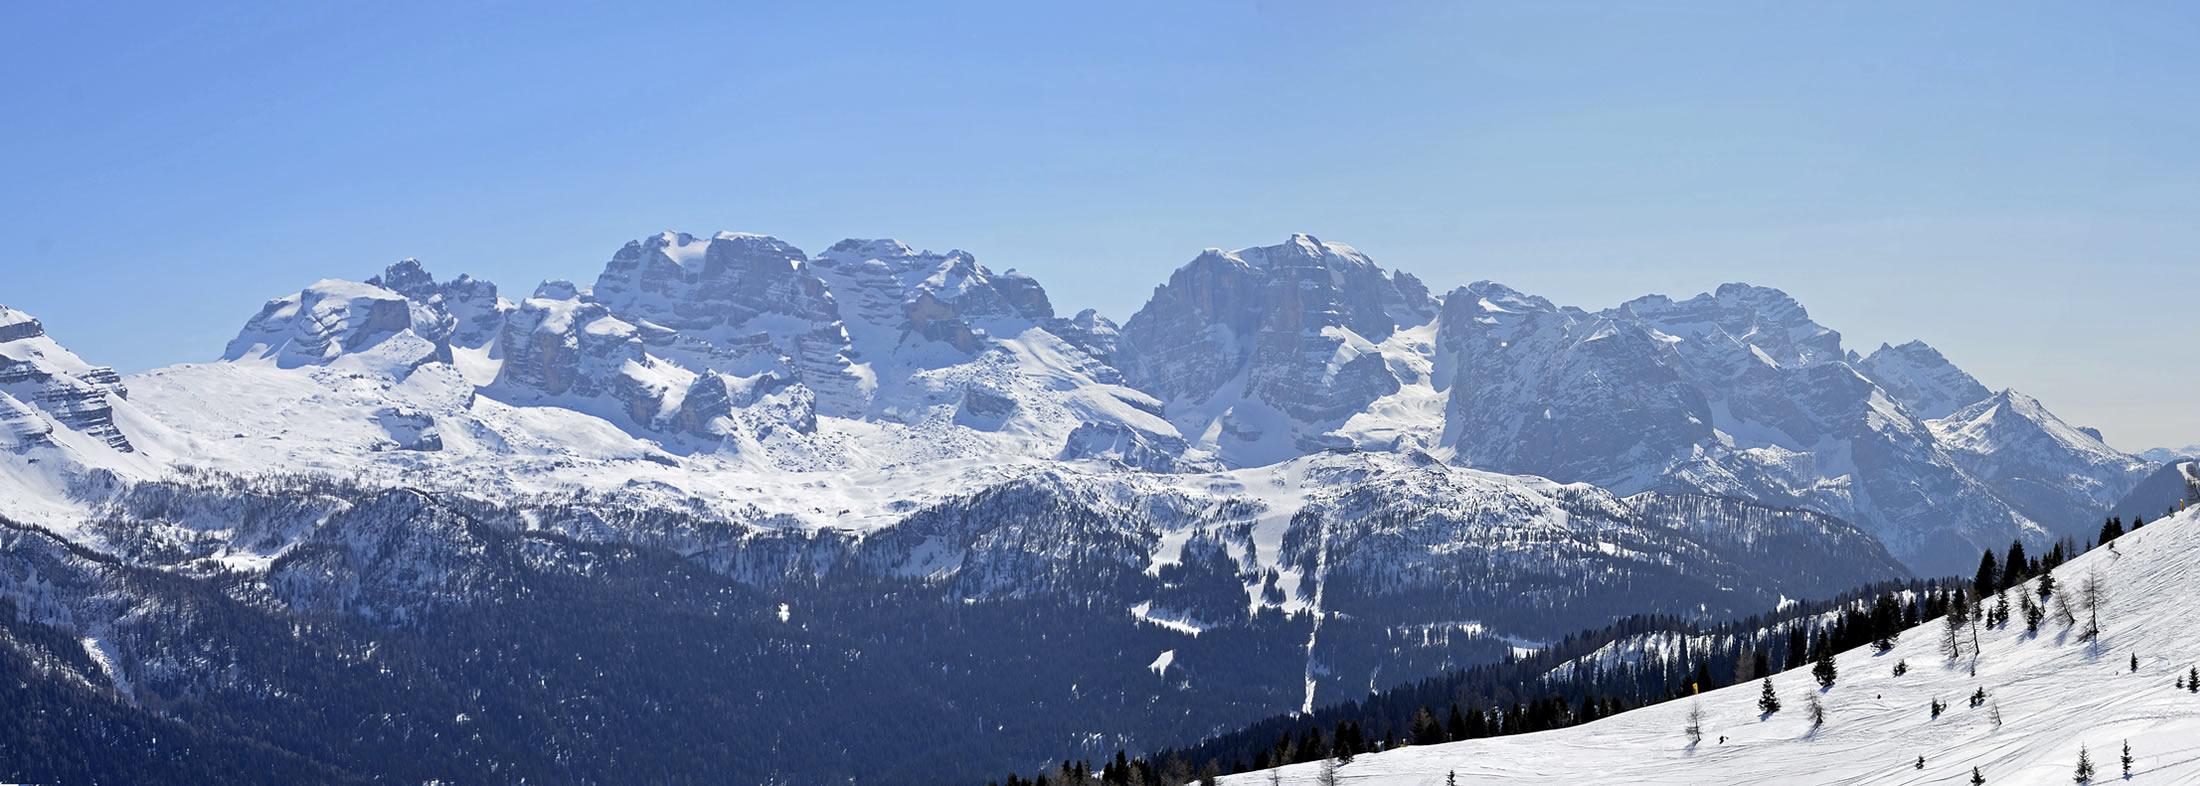 Foto panoramica delle montagne innevate